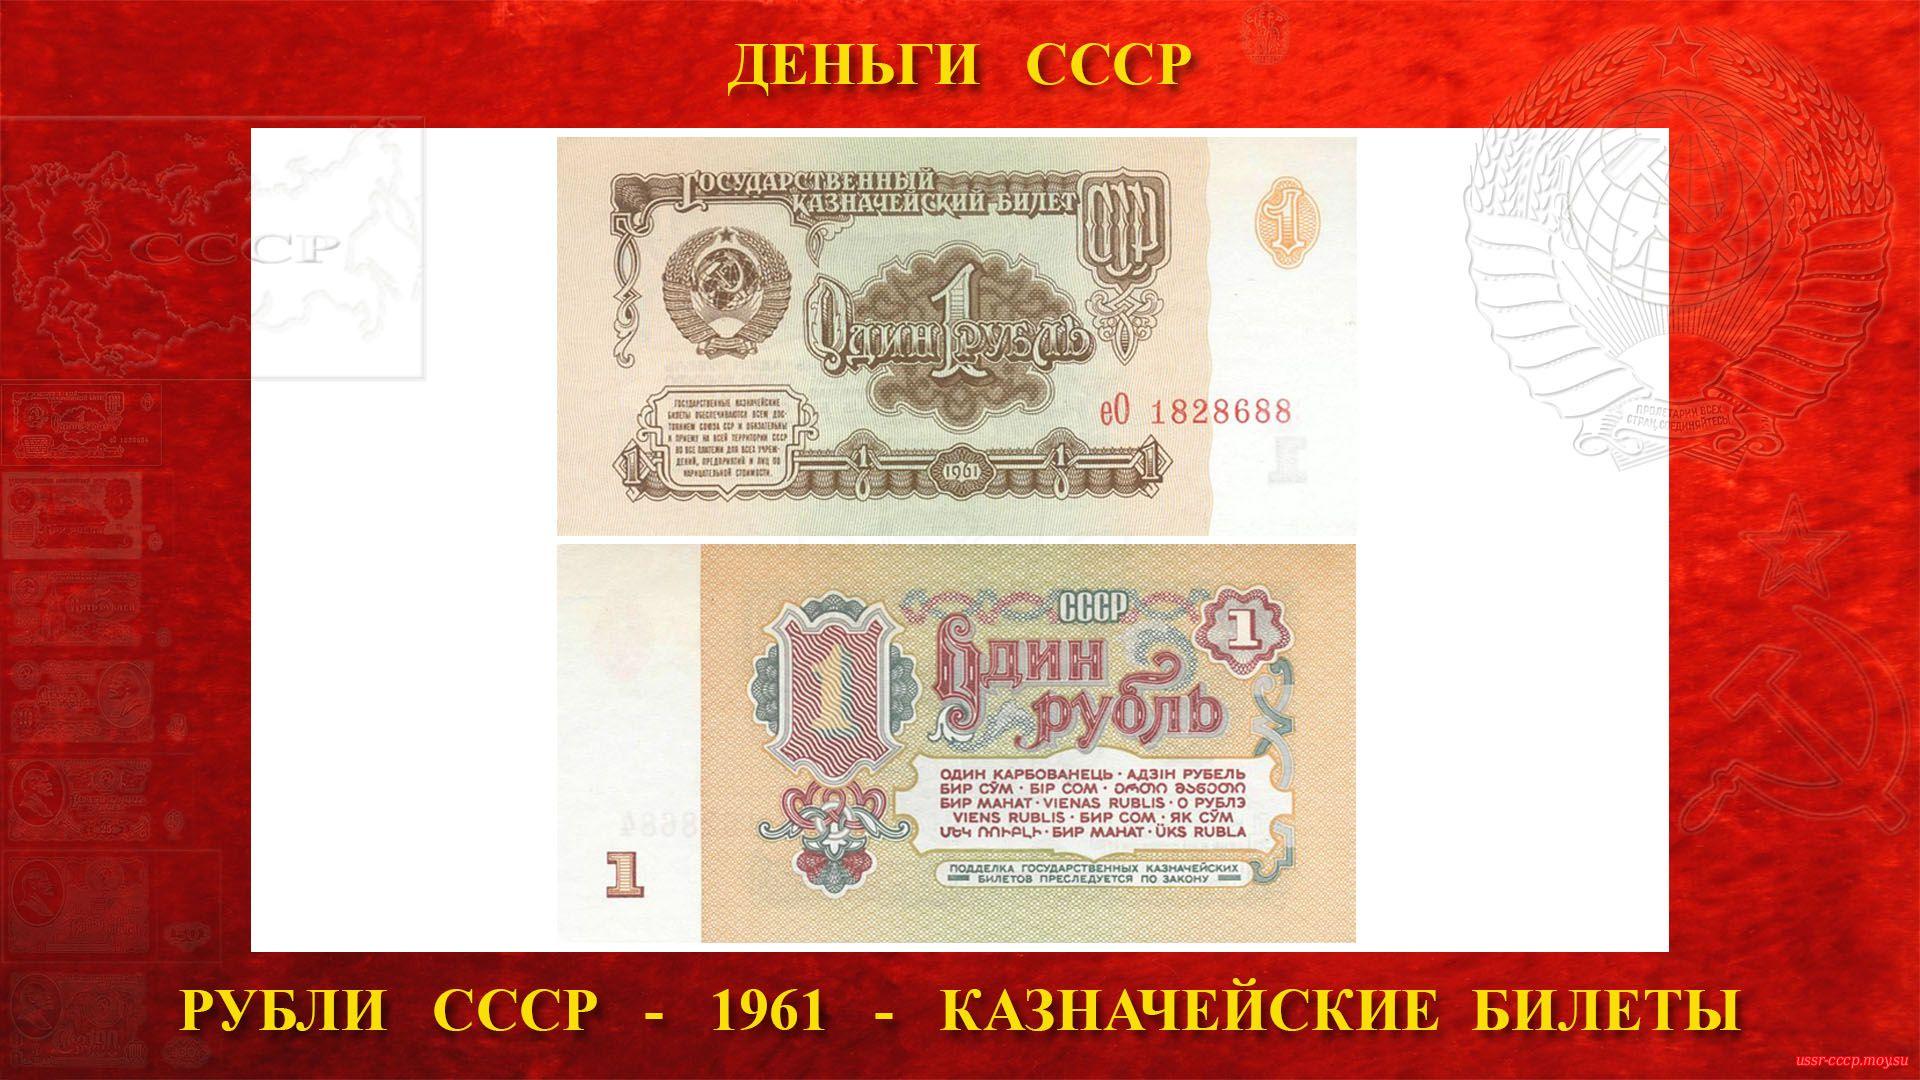 Один (1) рубль СССР — Образца 1961 года (повествование)